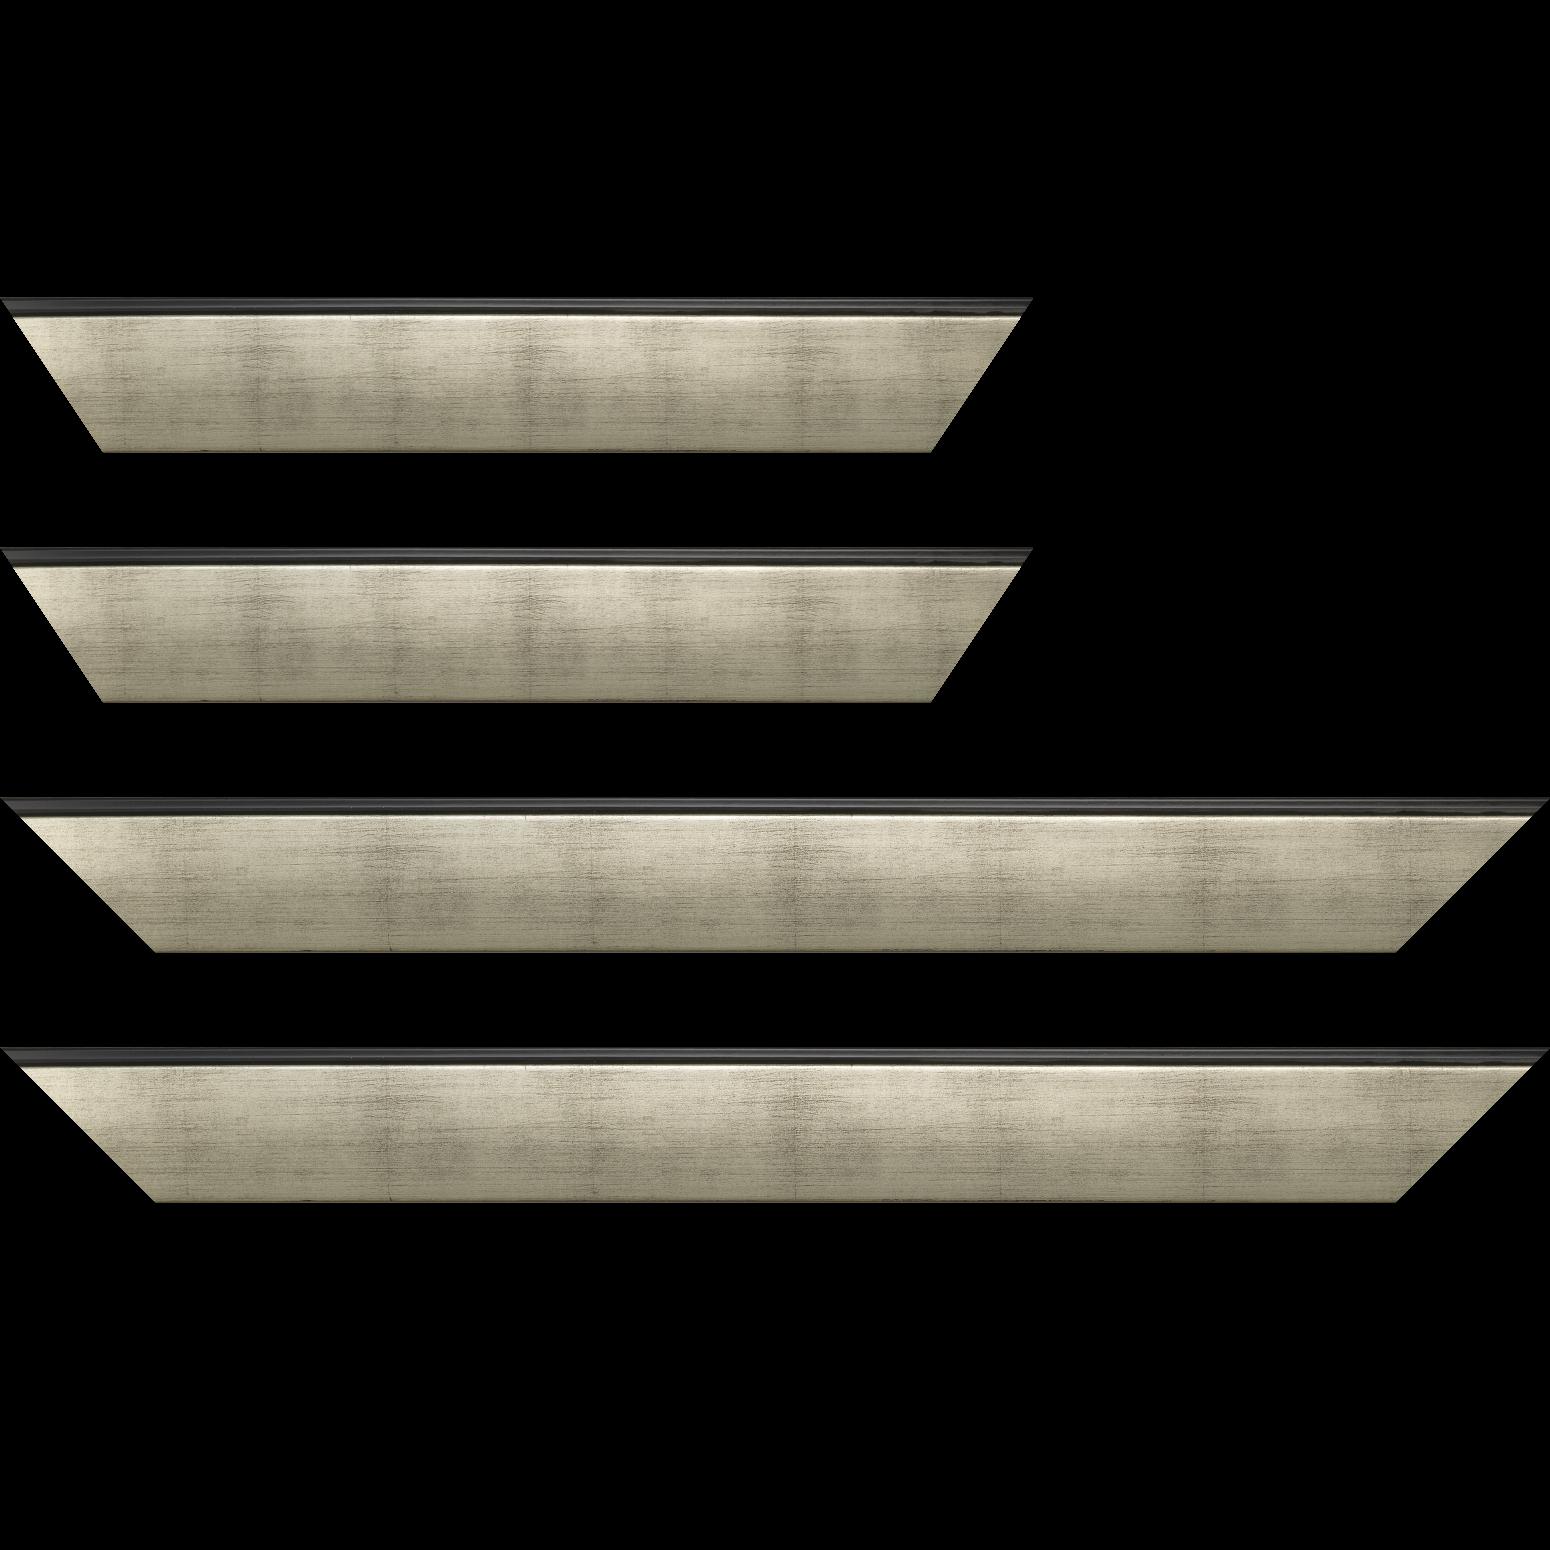 Baguette service précoupé Bois profil en pente méplat largeur 4.8cm argent satiné surligné par une gorge extérieure noire : originalité et élégance assurée